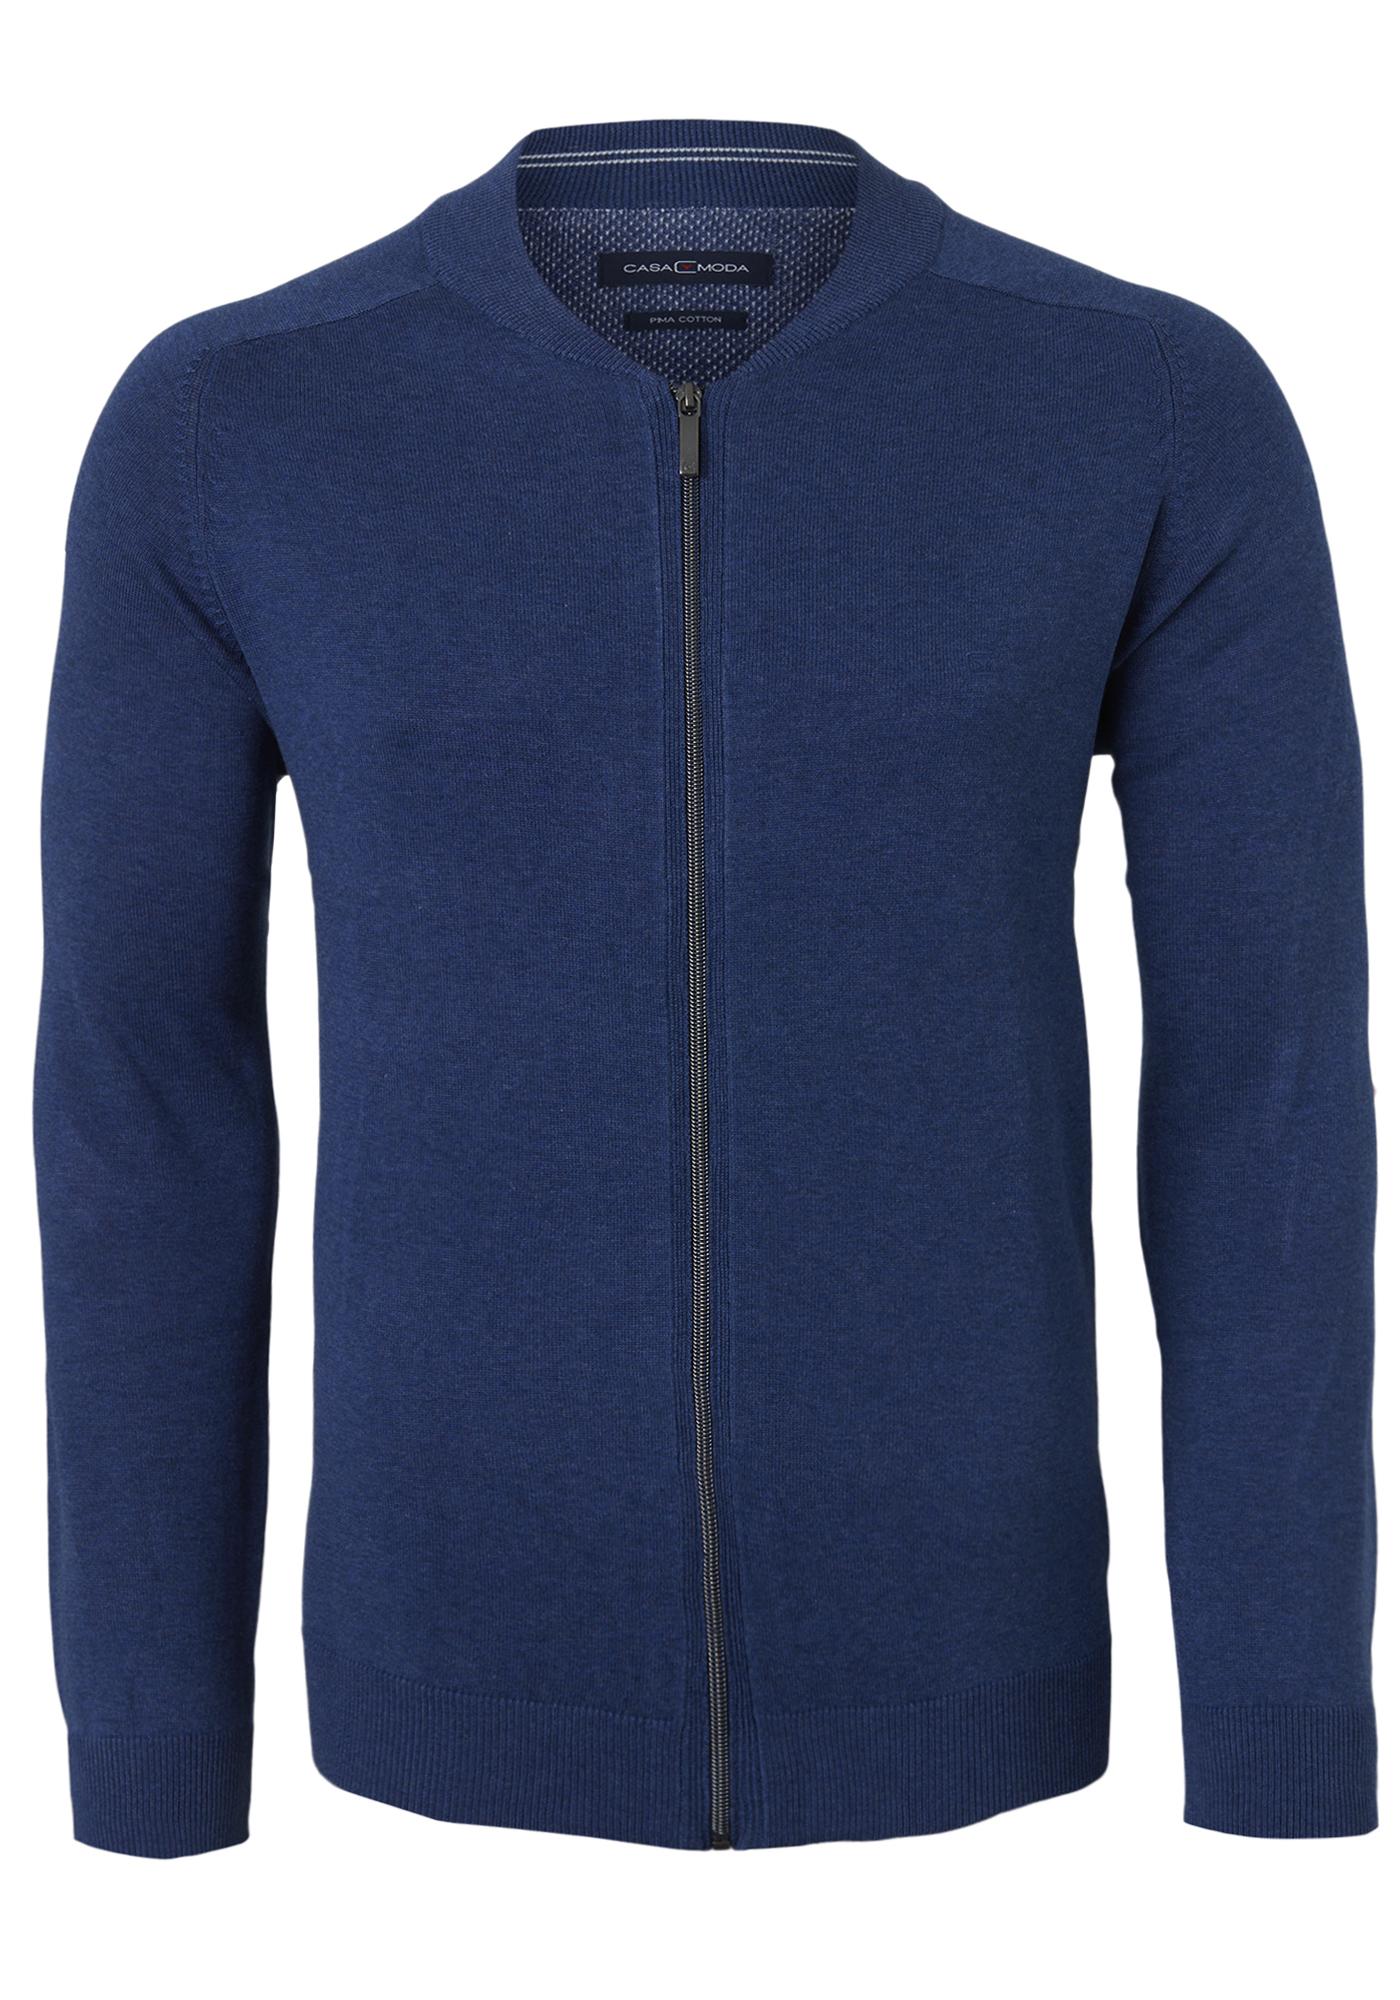 Casa Moda heren vest katoen, jeans blauw (met rits